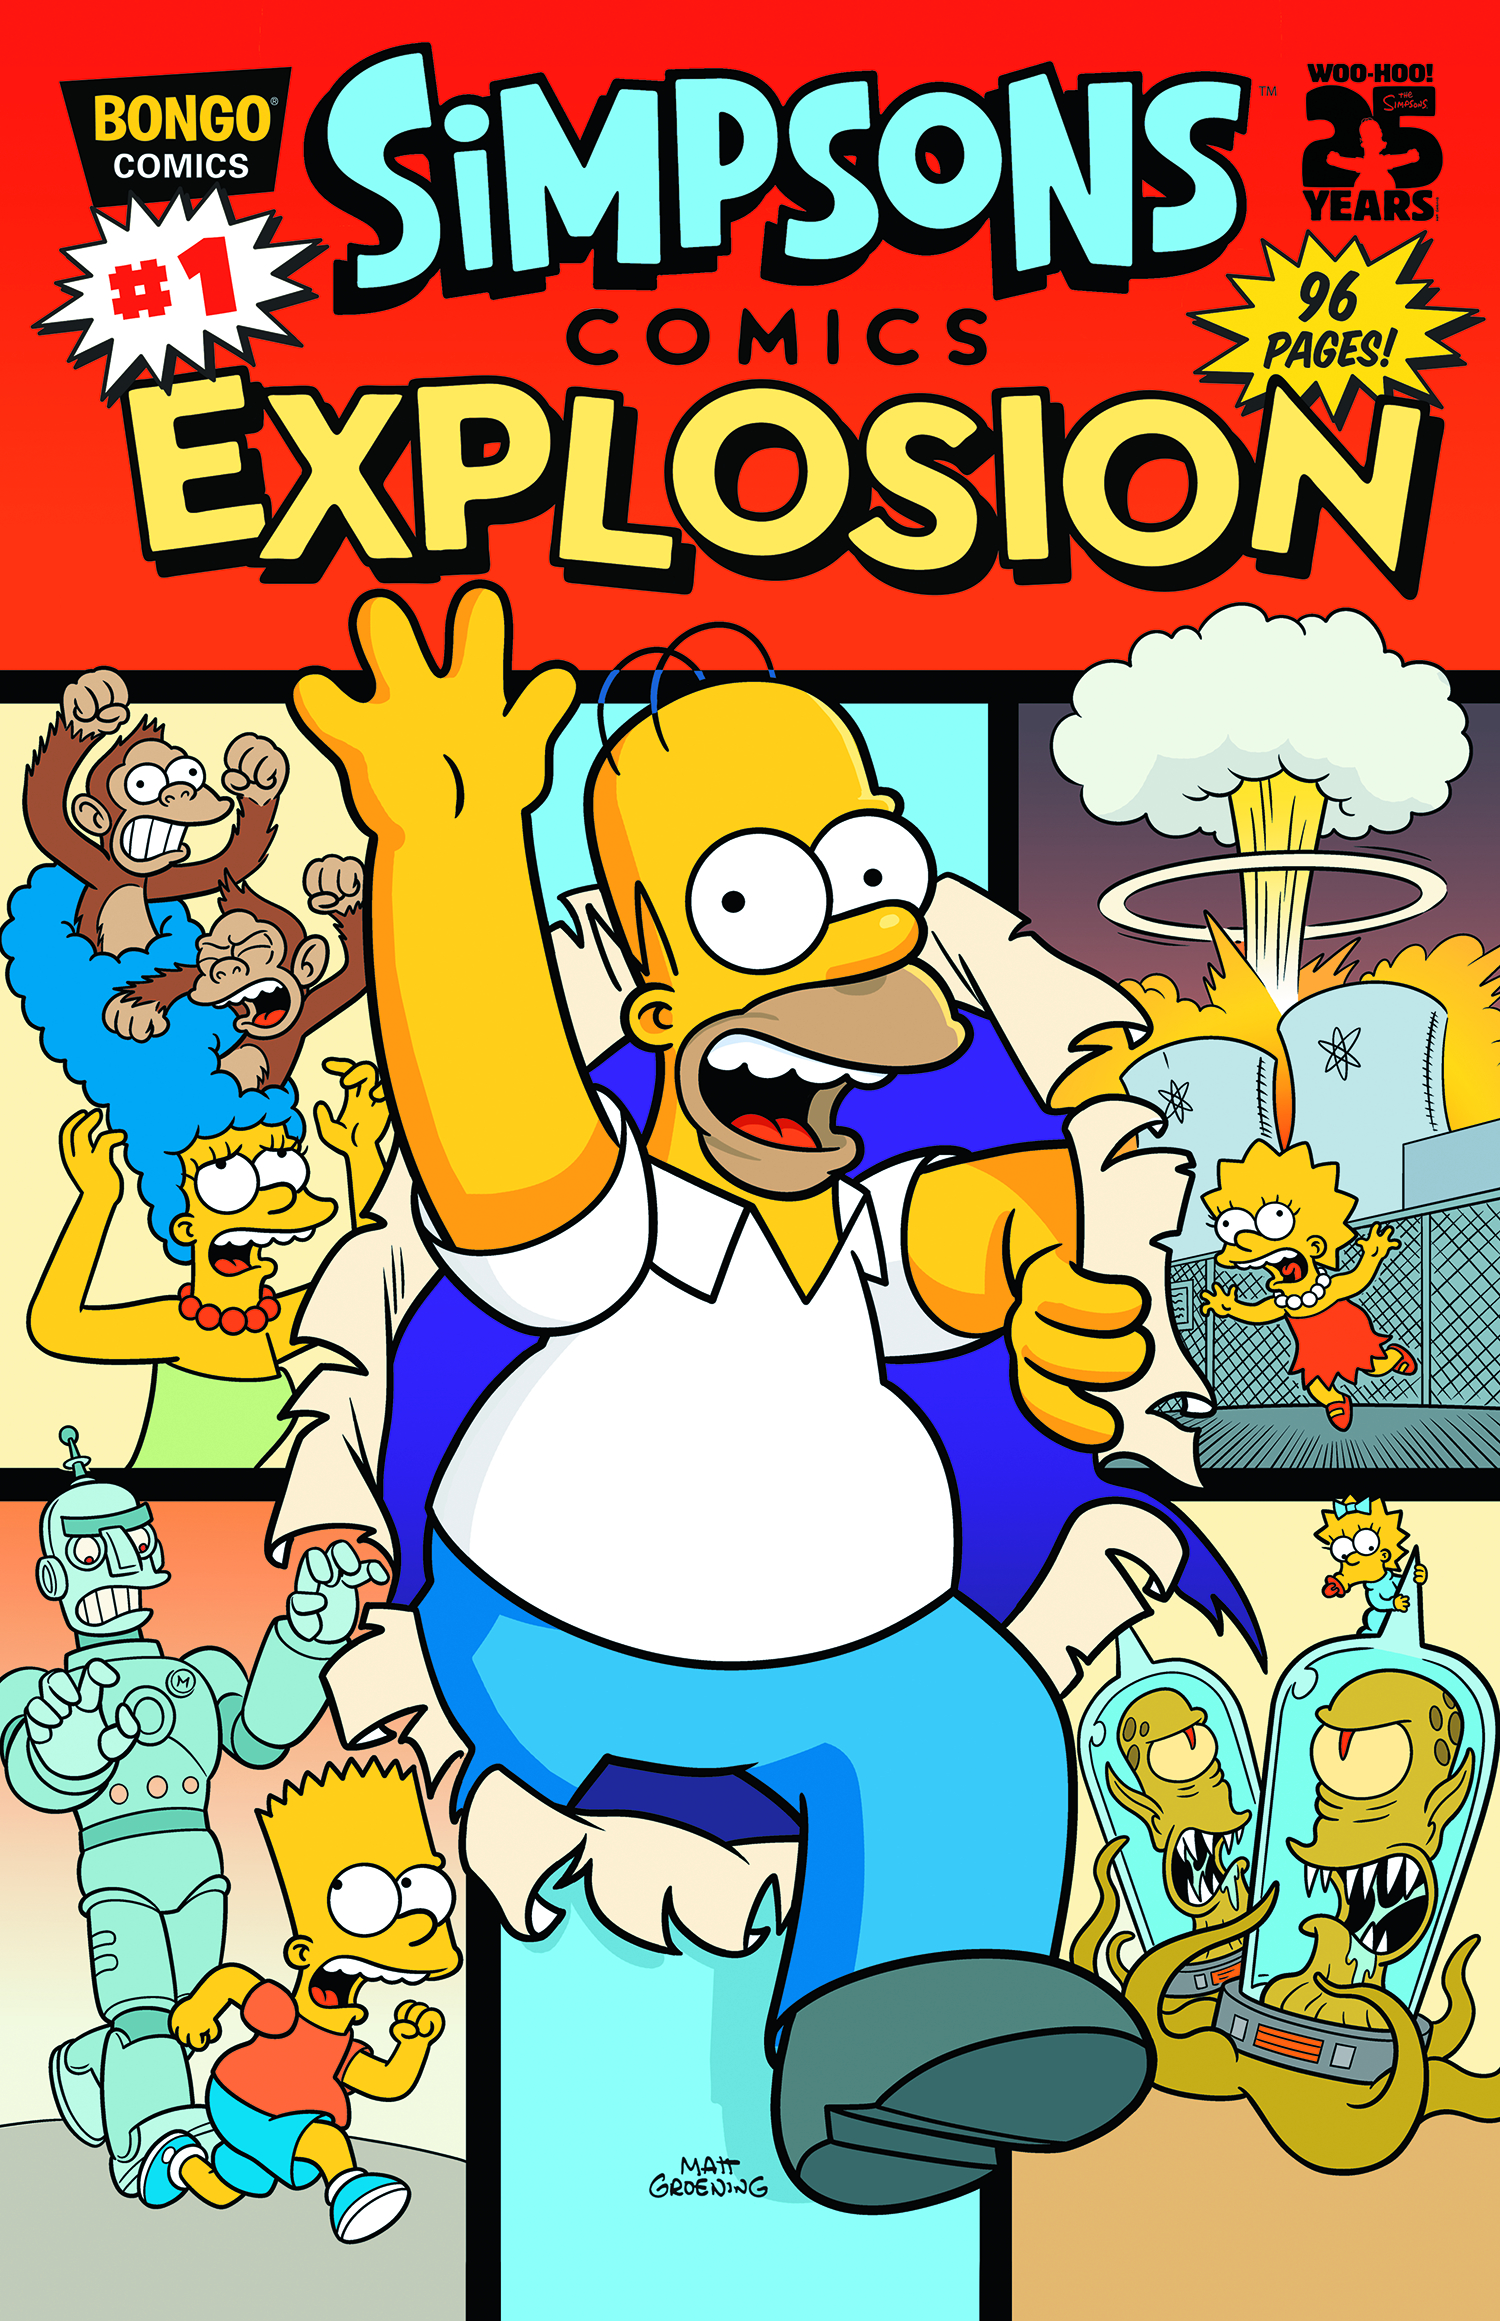 PREVIEWSworld - SIMPSONS COMICS EXPLOSION #1